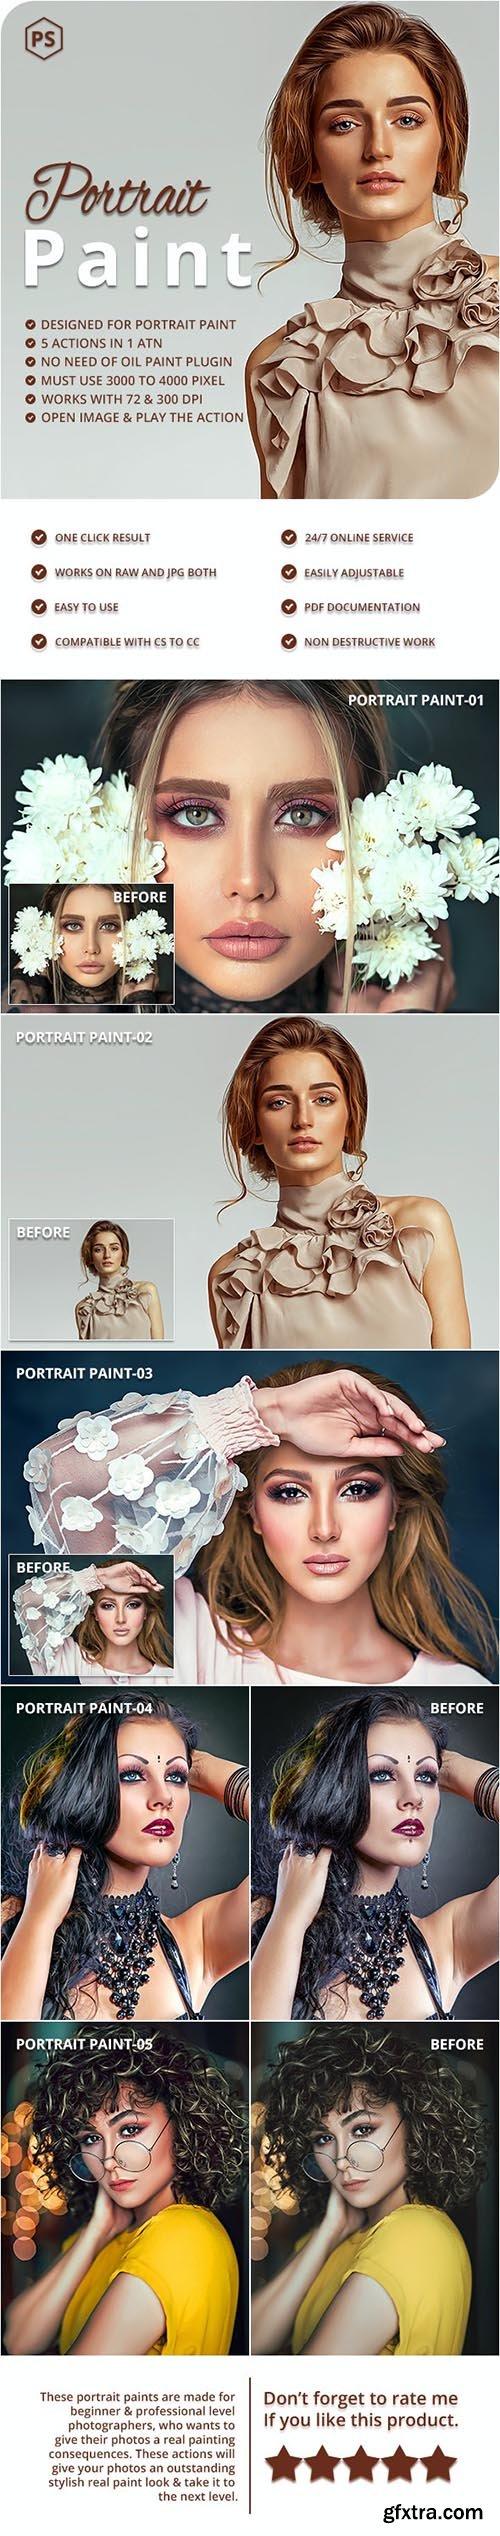 GraphicRiver - 5 Portrait Paint Photoshop Actions 27822401